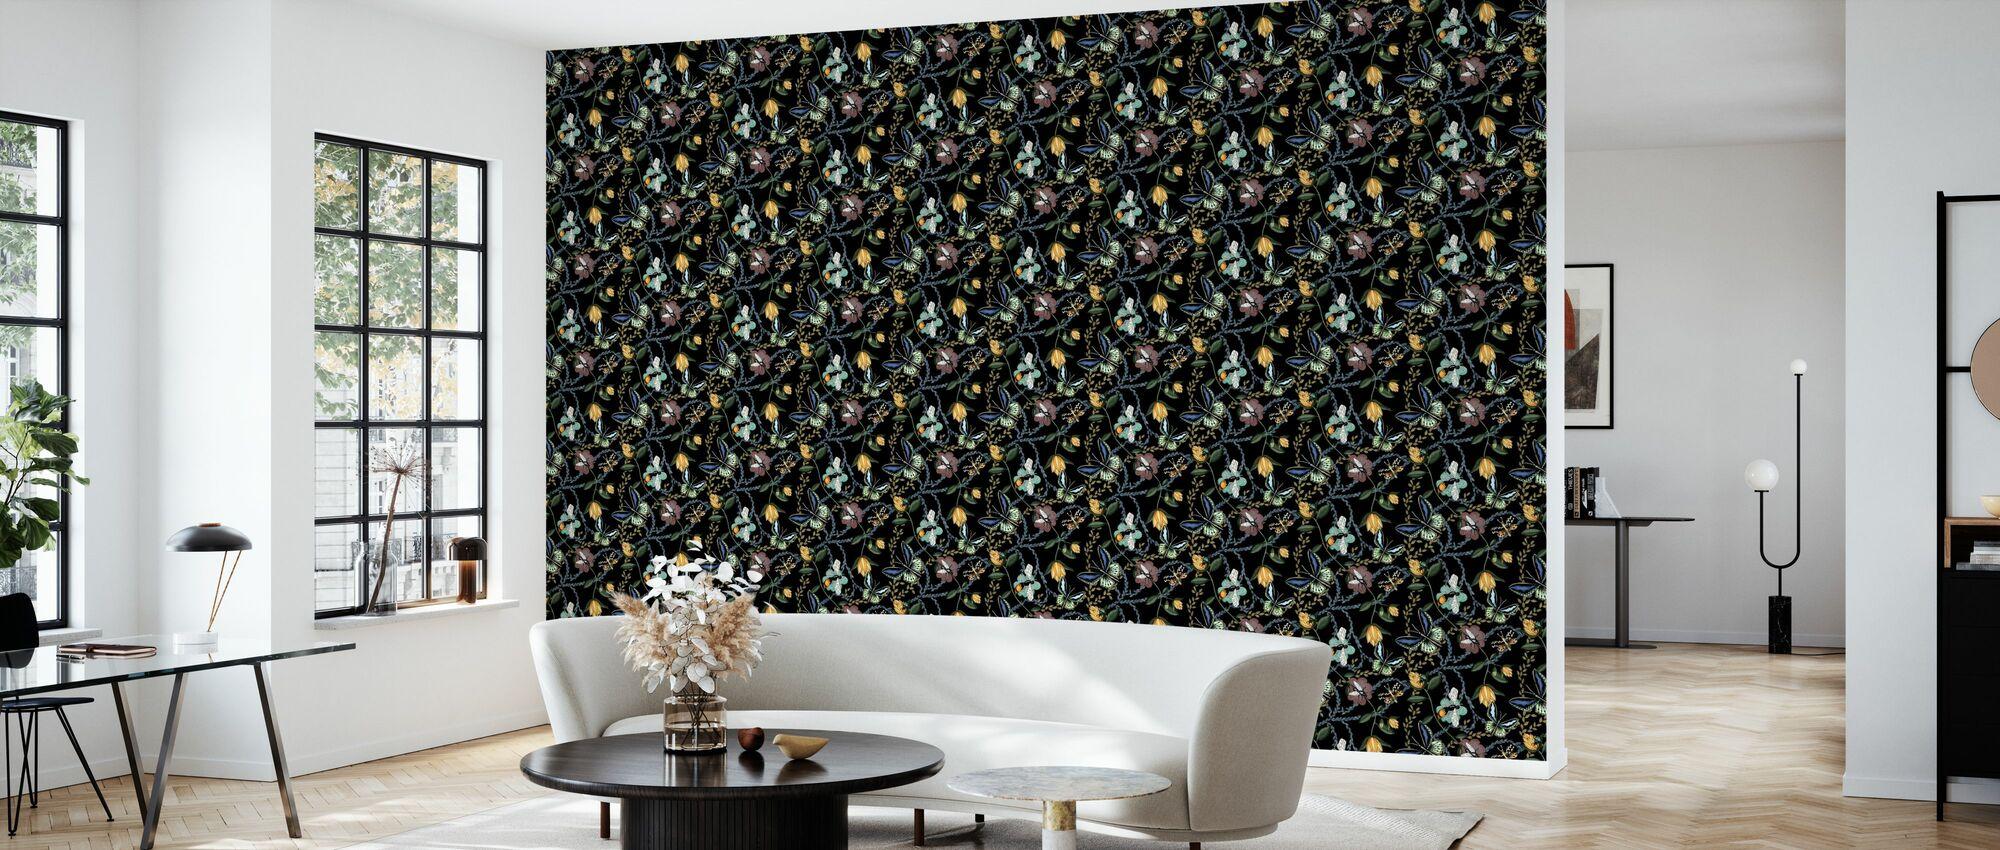 Bugs & Butterflies Black - Small - Wallpaper - Living Room